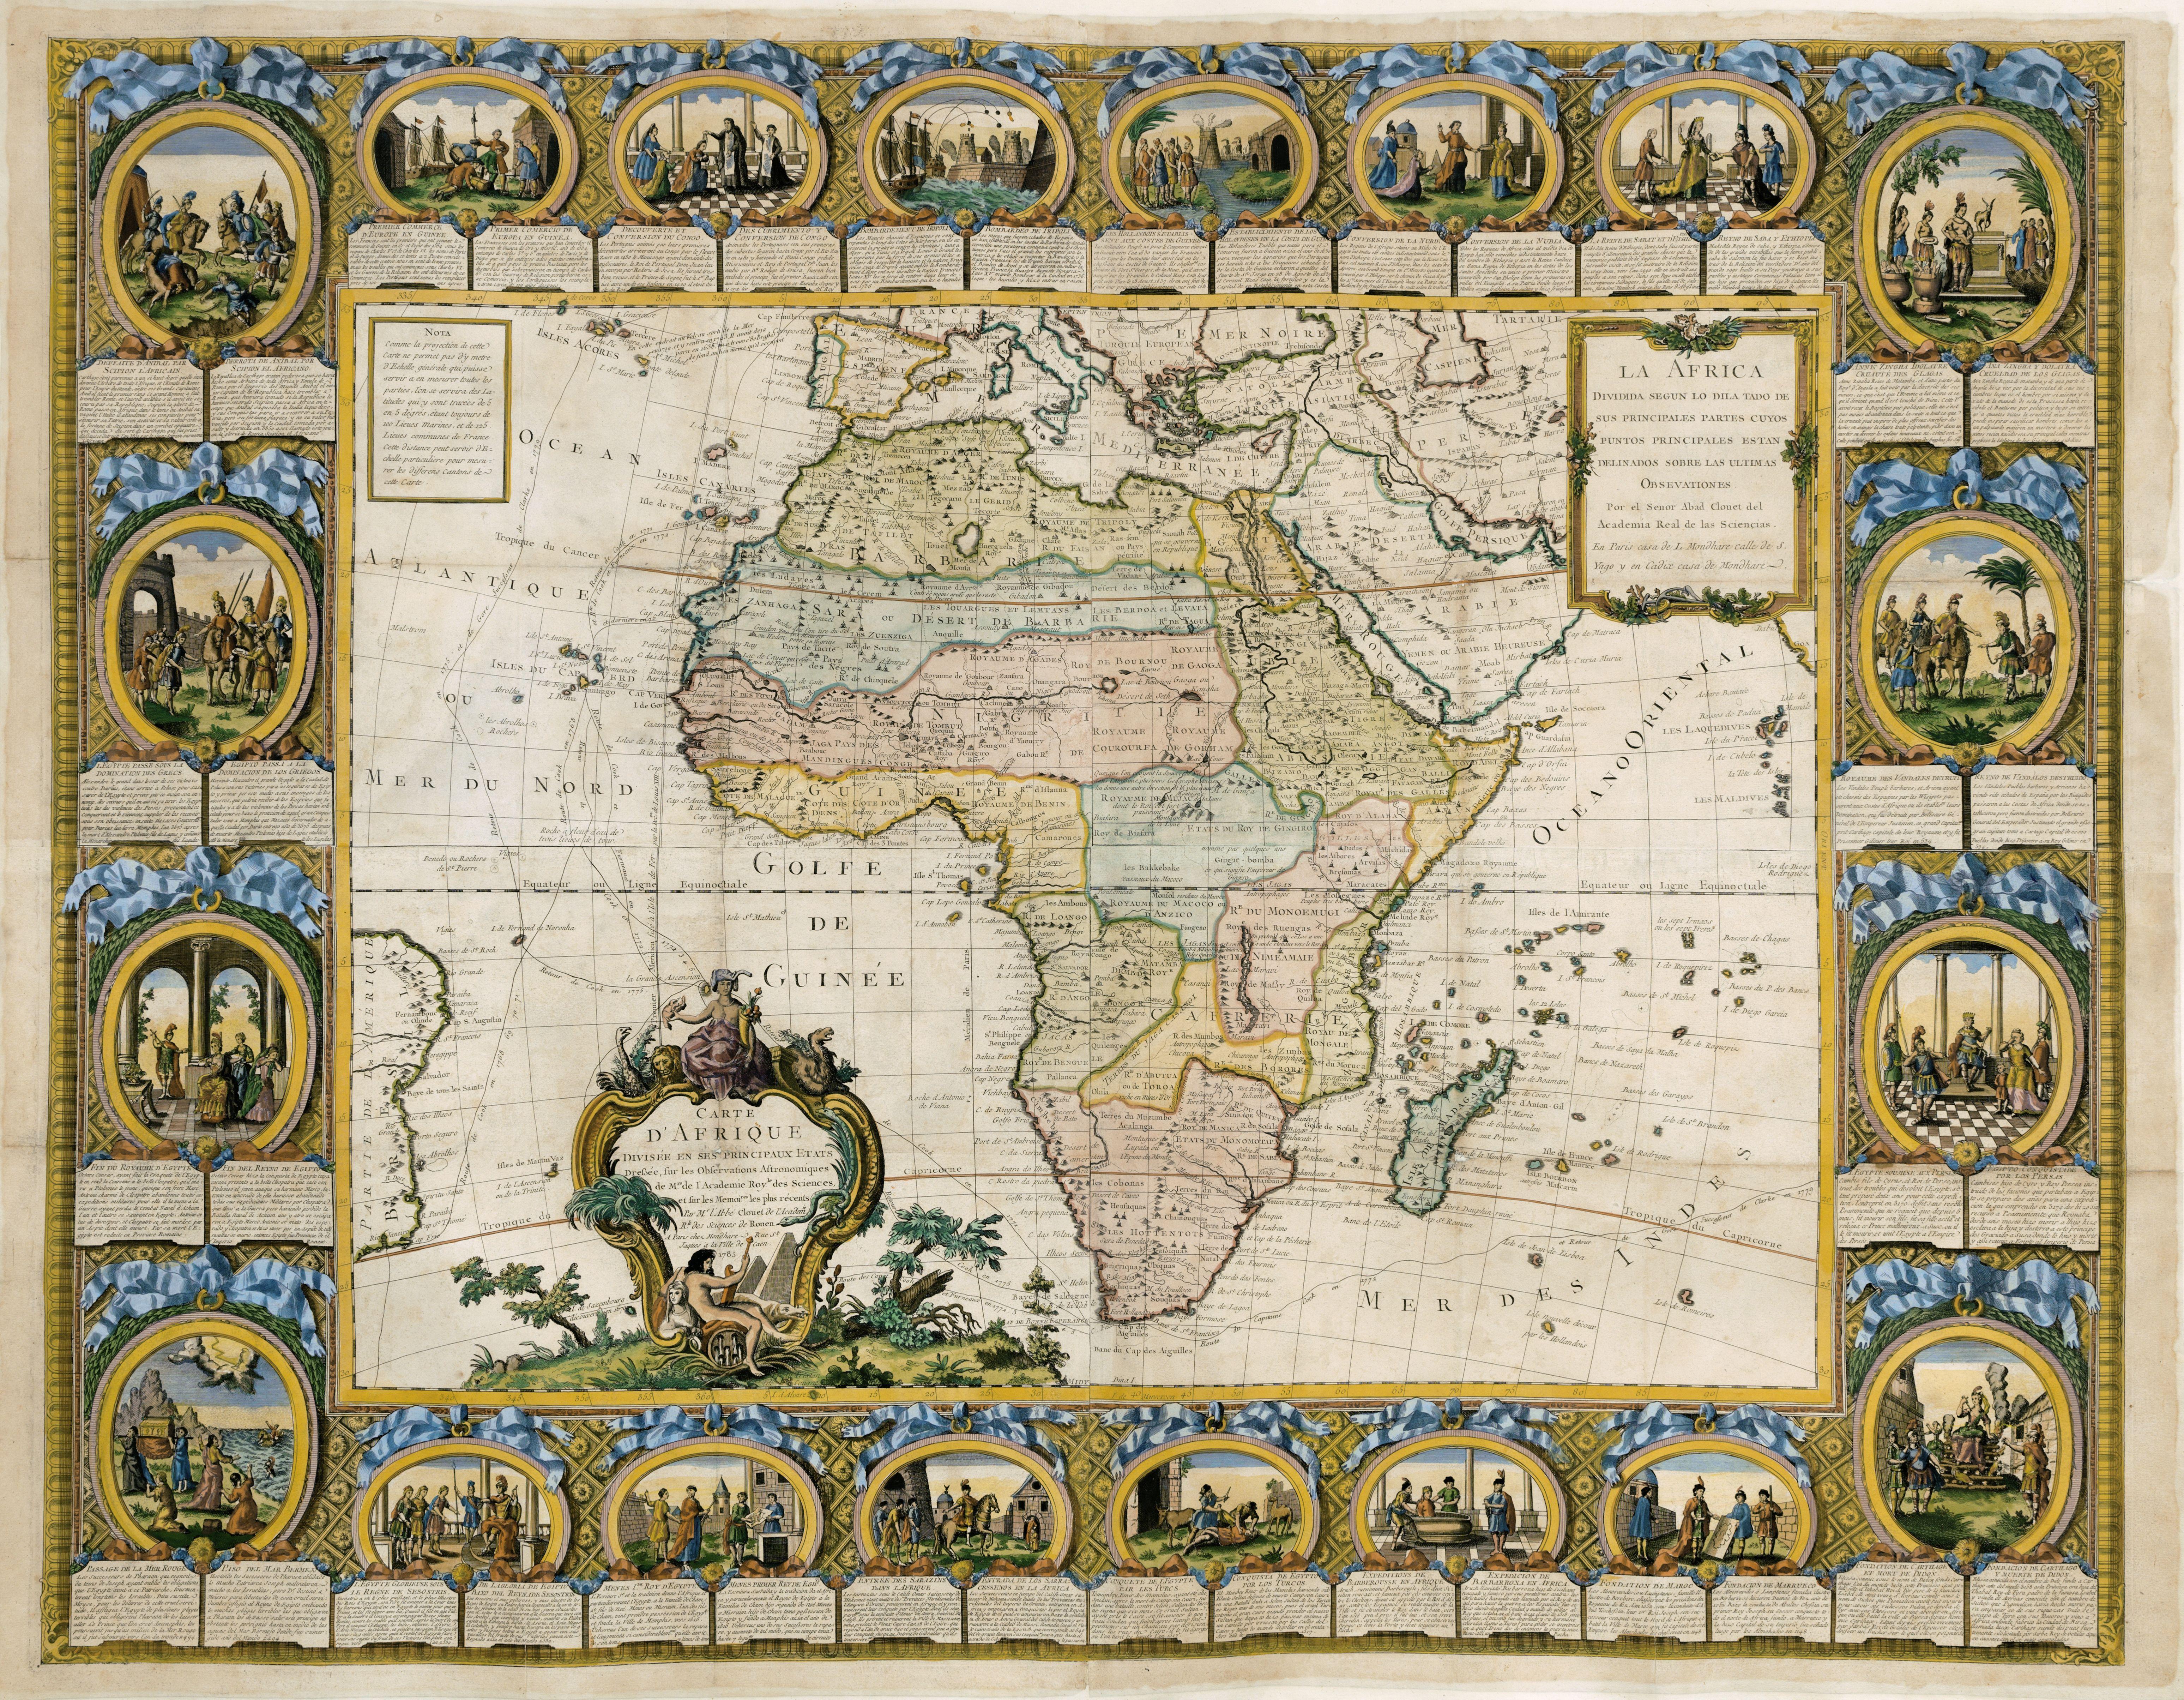 CLOUET, J. B. L. abbé / MONDHARE, L. -  Carte d'Afrique divisée en ses principaux Etats…